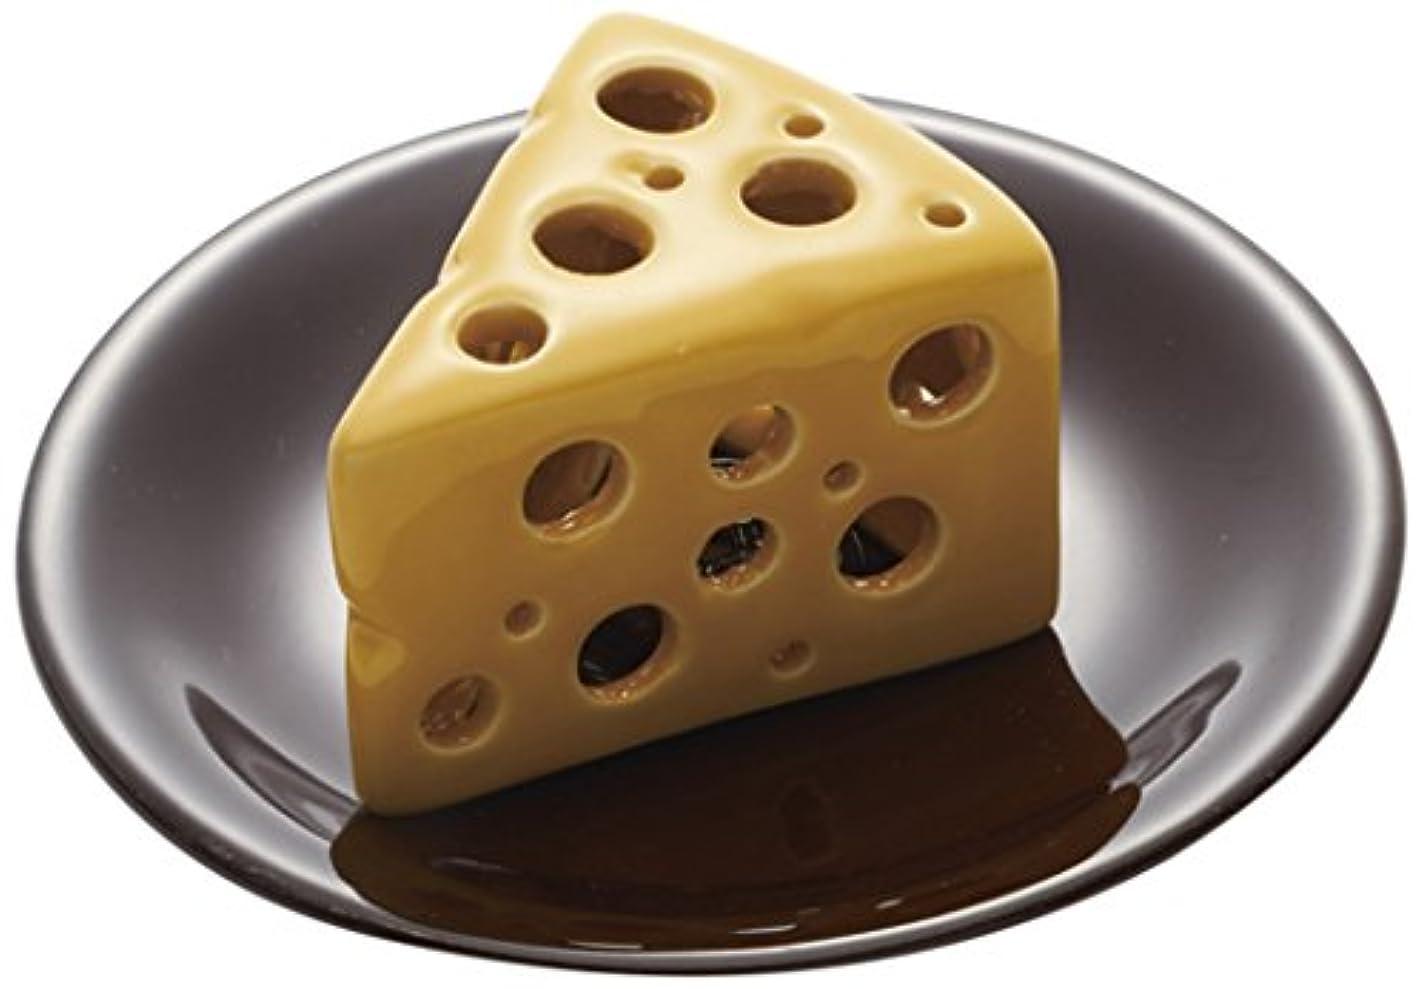 さておき道日曜日パルマート インセンスバーナー チーズ泥棒 イエロー CHD-IB-01